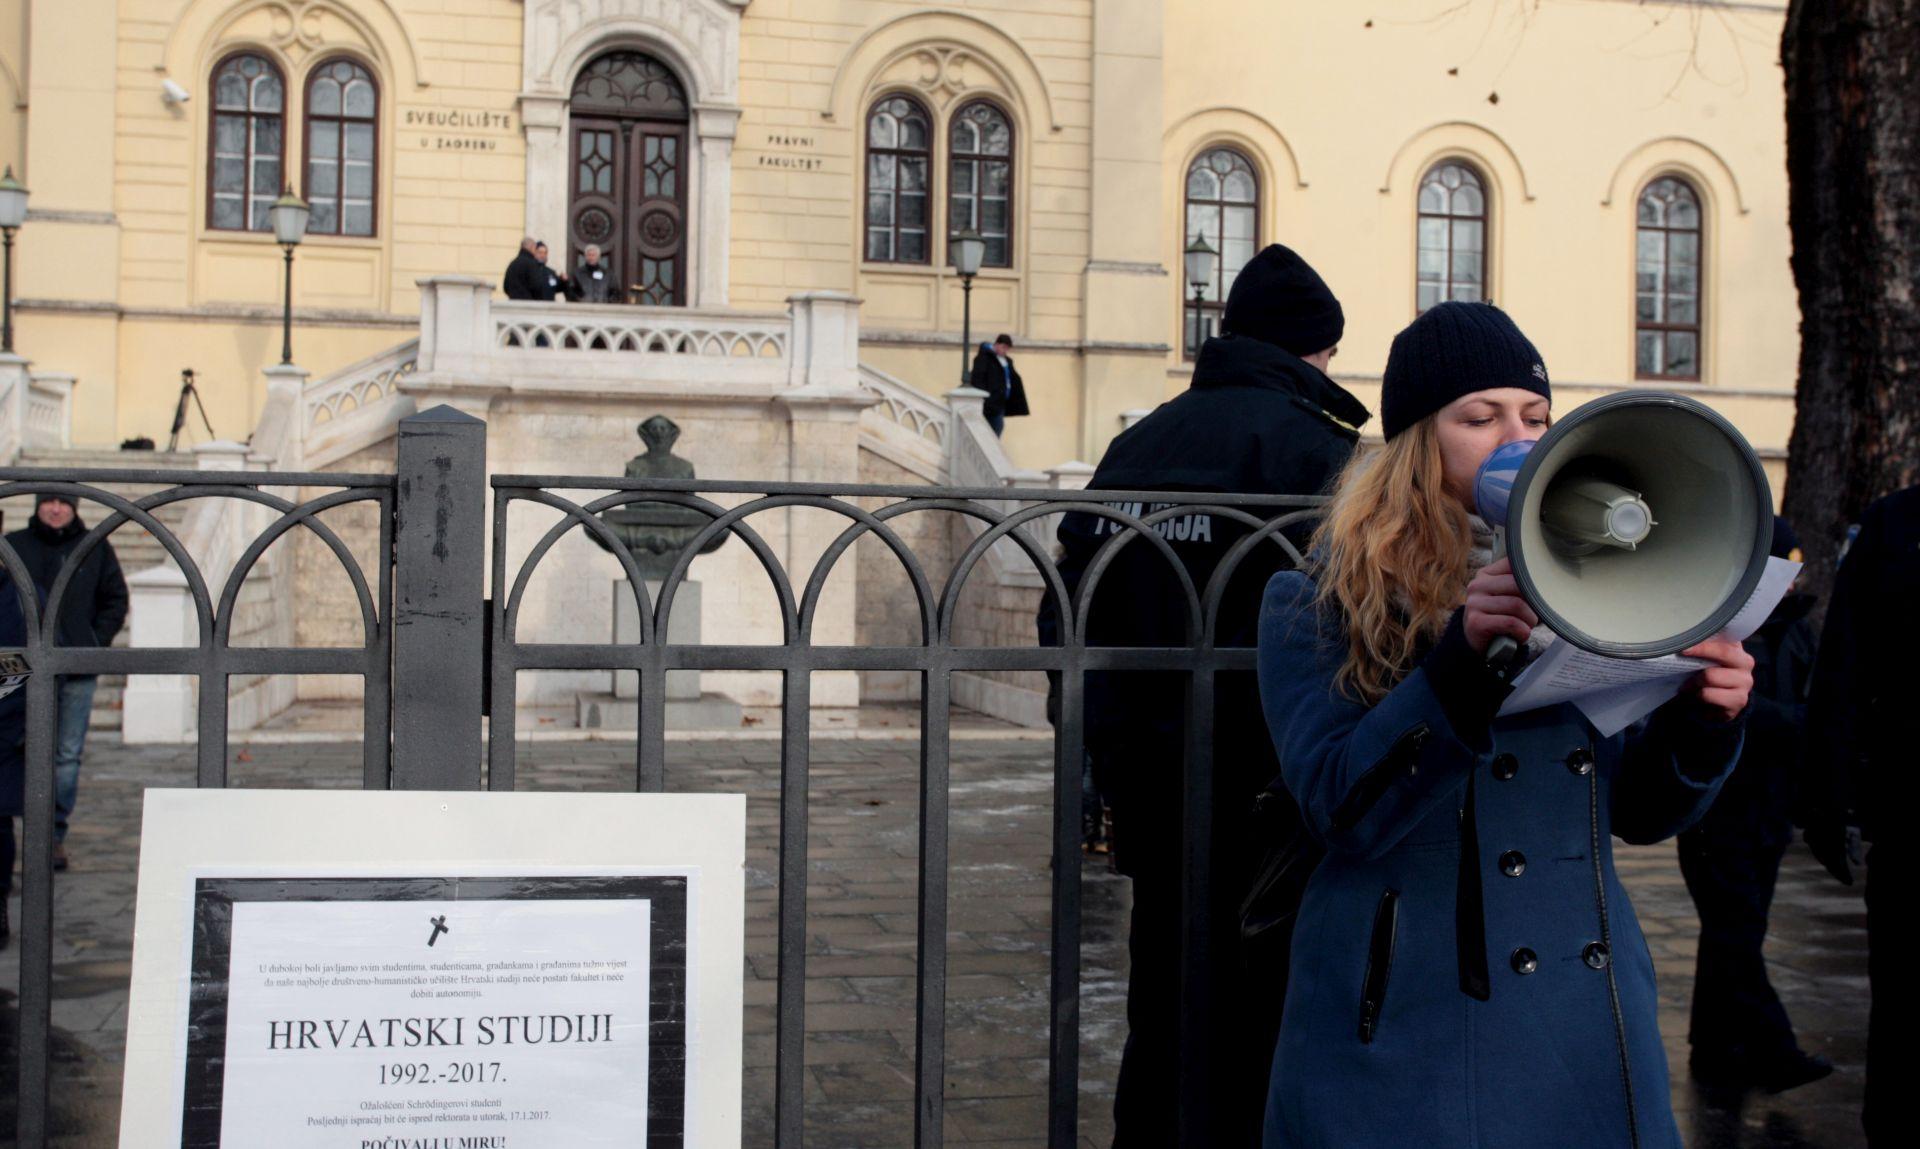 Najavljen štrajk na Hrvatskim studijima, nastavljena studentska blokada